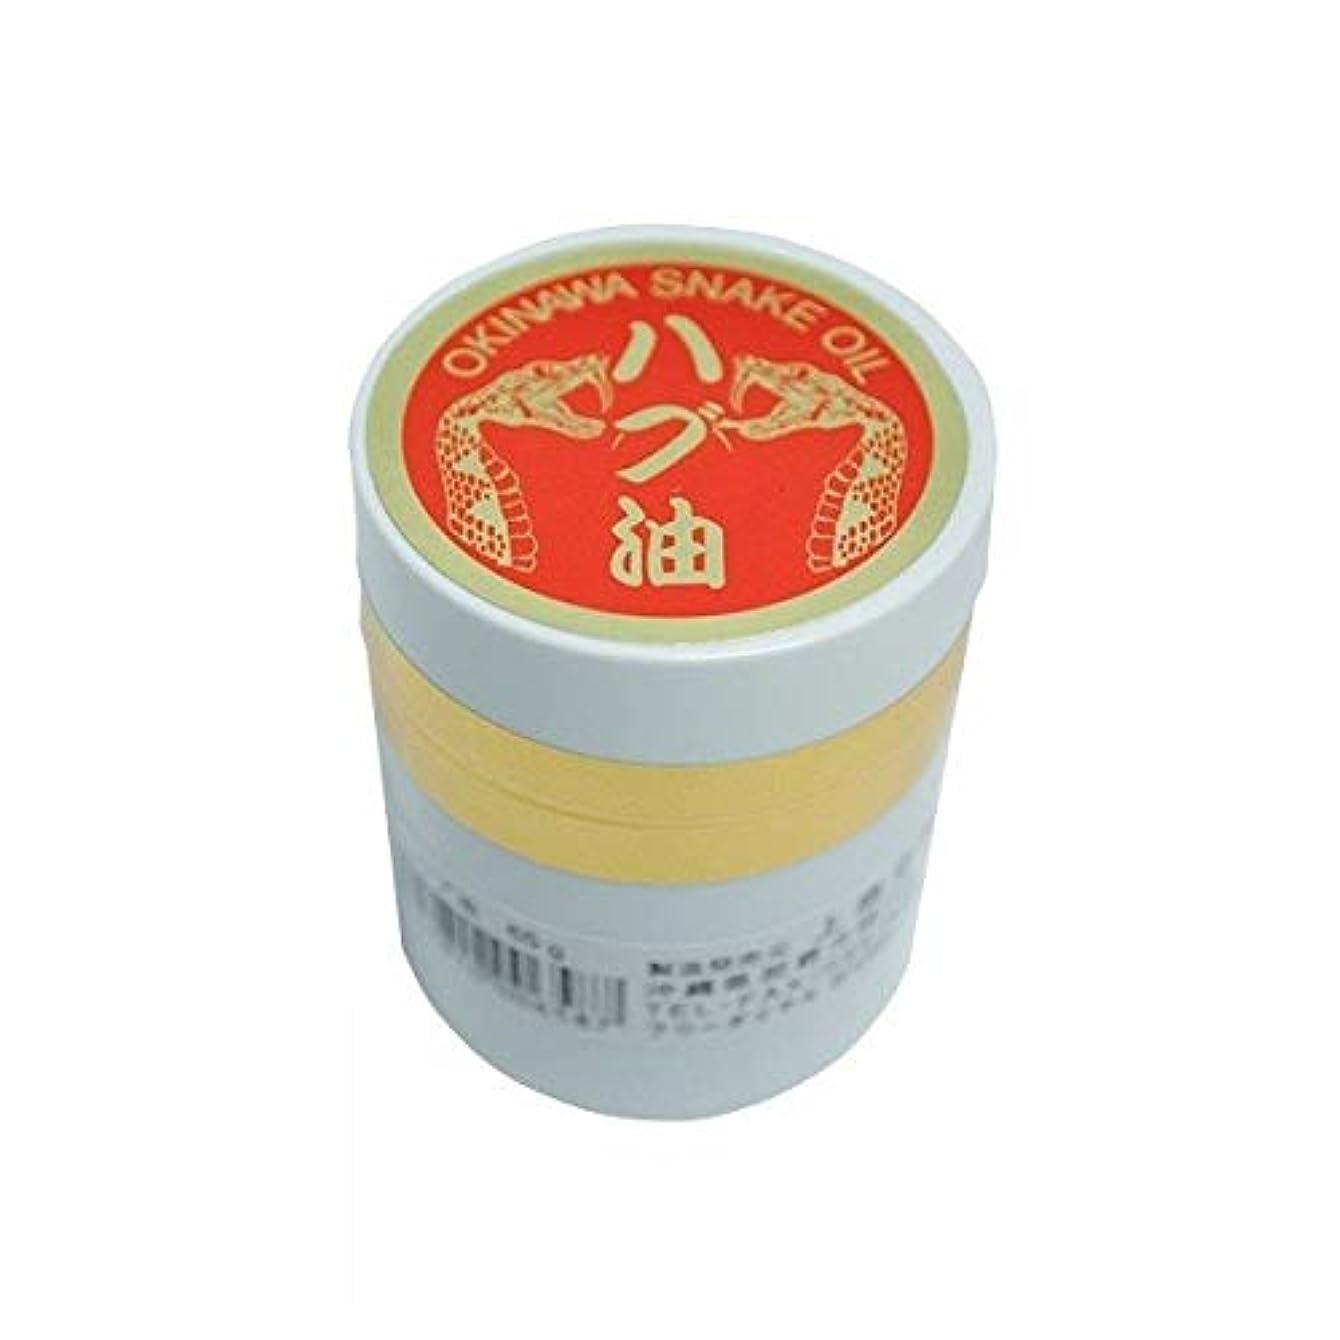 成功する教師の日チャーミング沖縄産 ハブ油 65g 軟膏タイプ